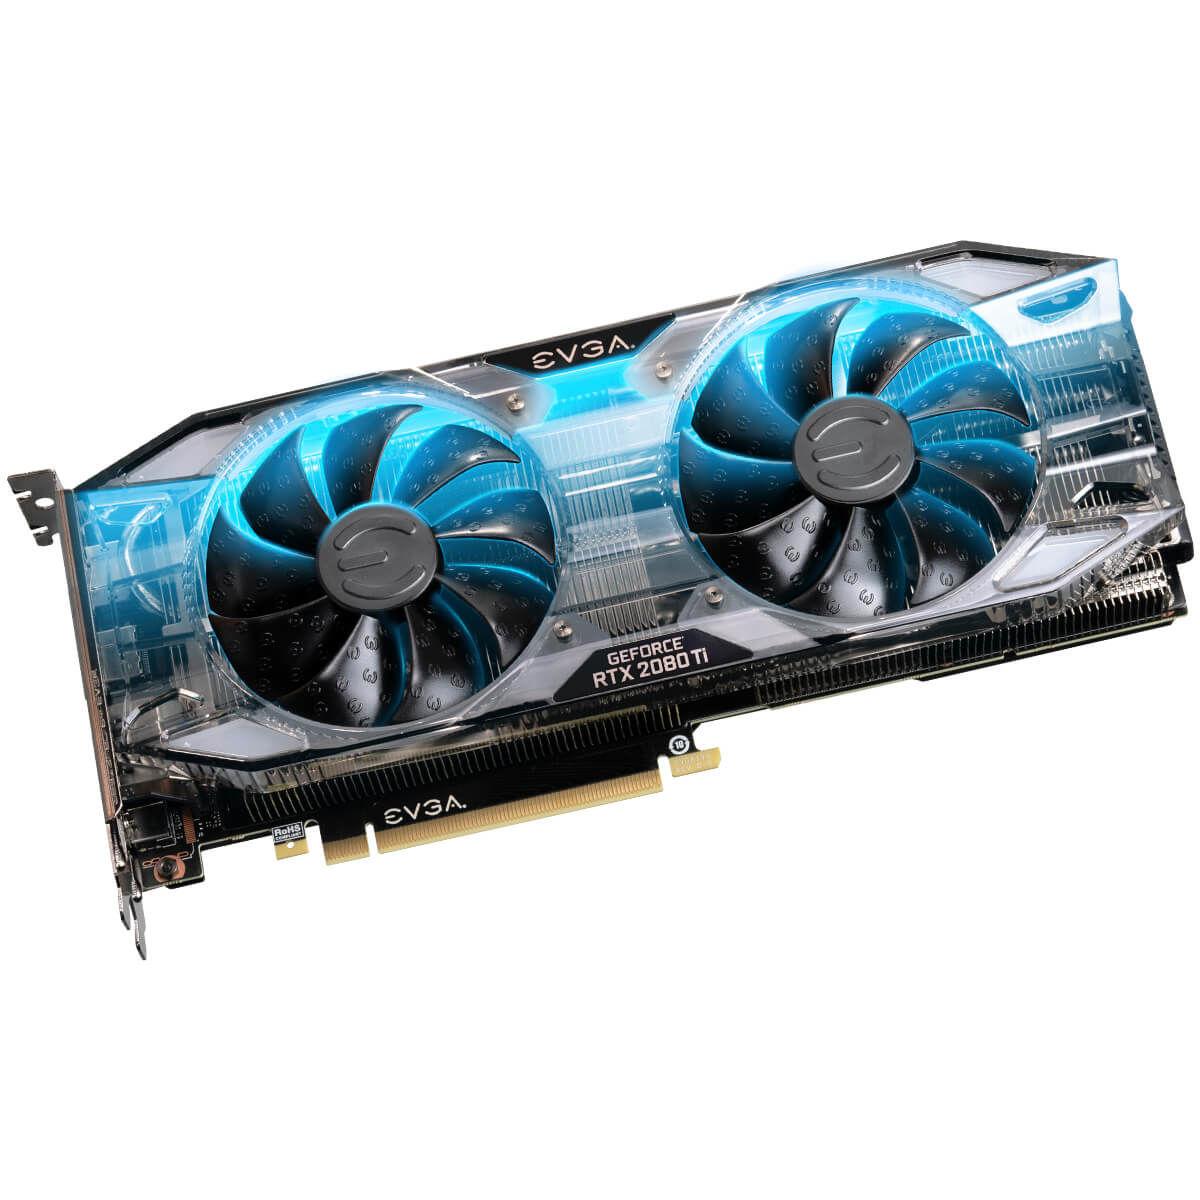 Evga GeForce RTX 2080 Ti Gaming 11G